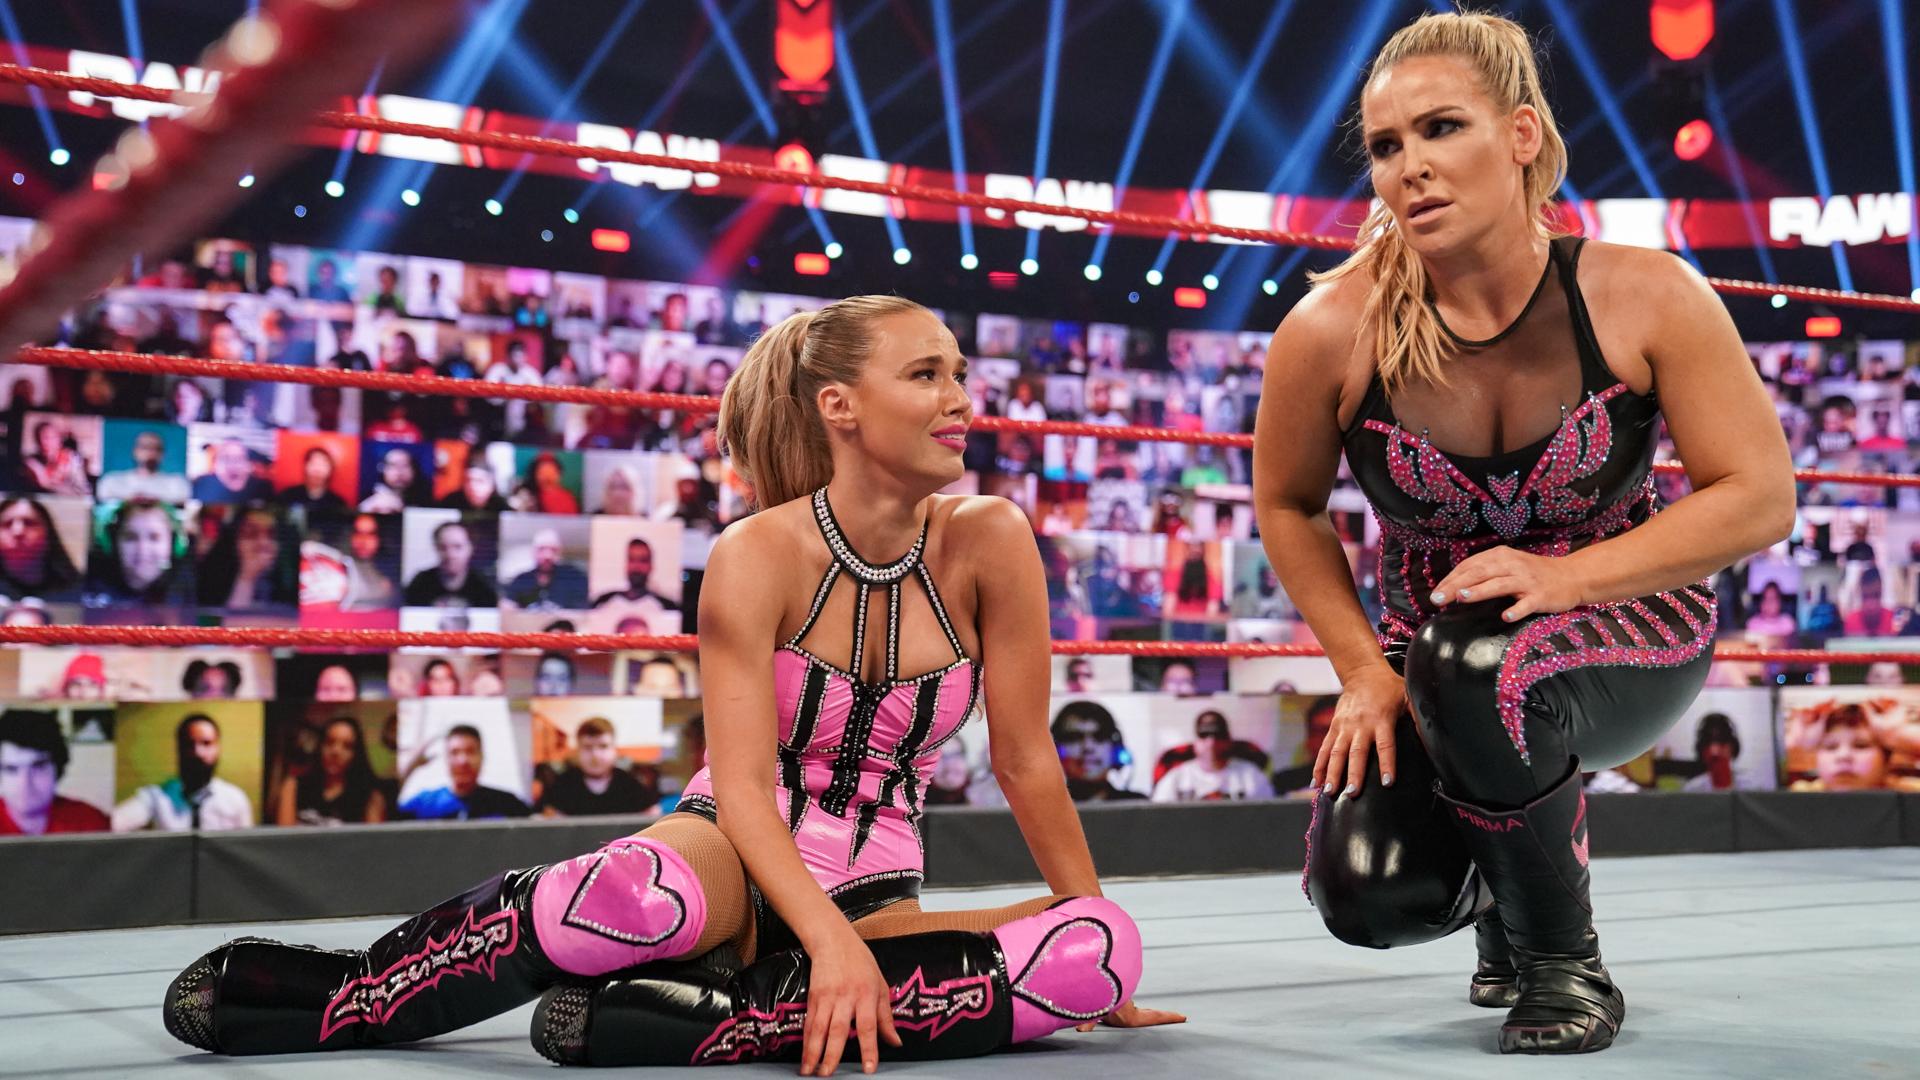 Dupla de Lana e Natalya chega ao fim